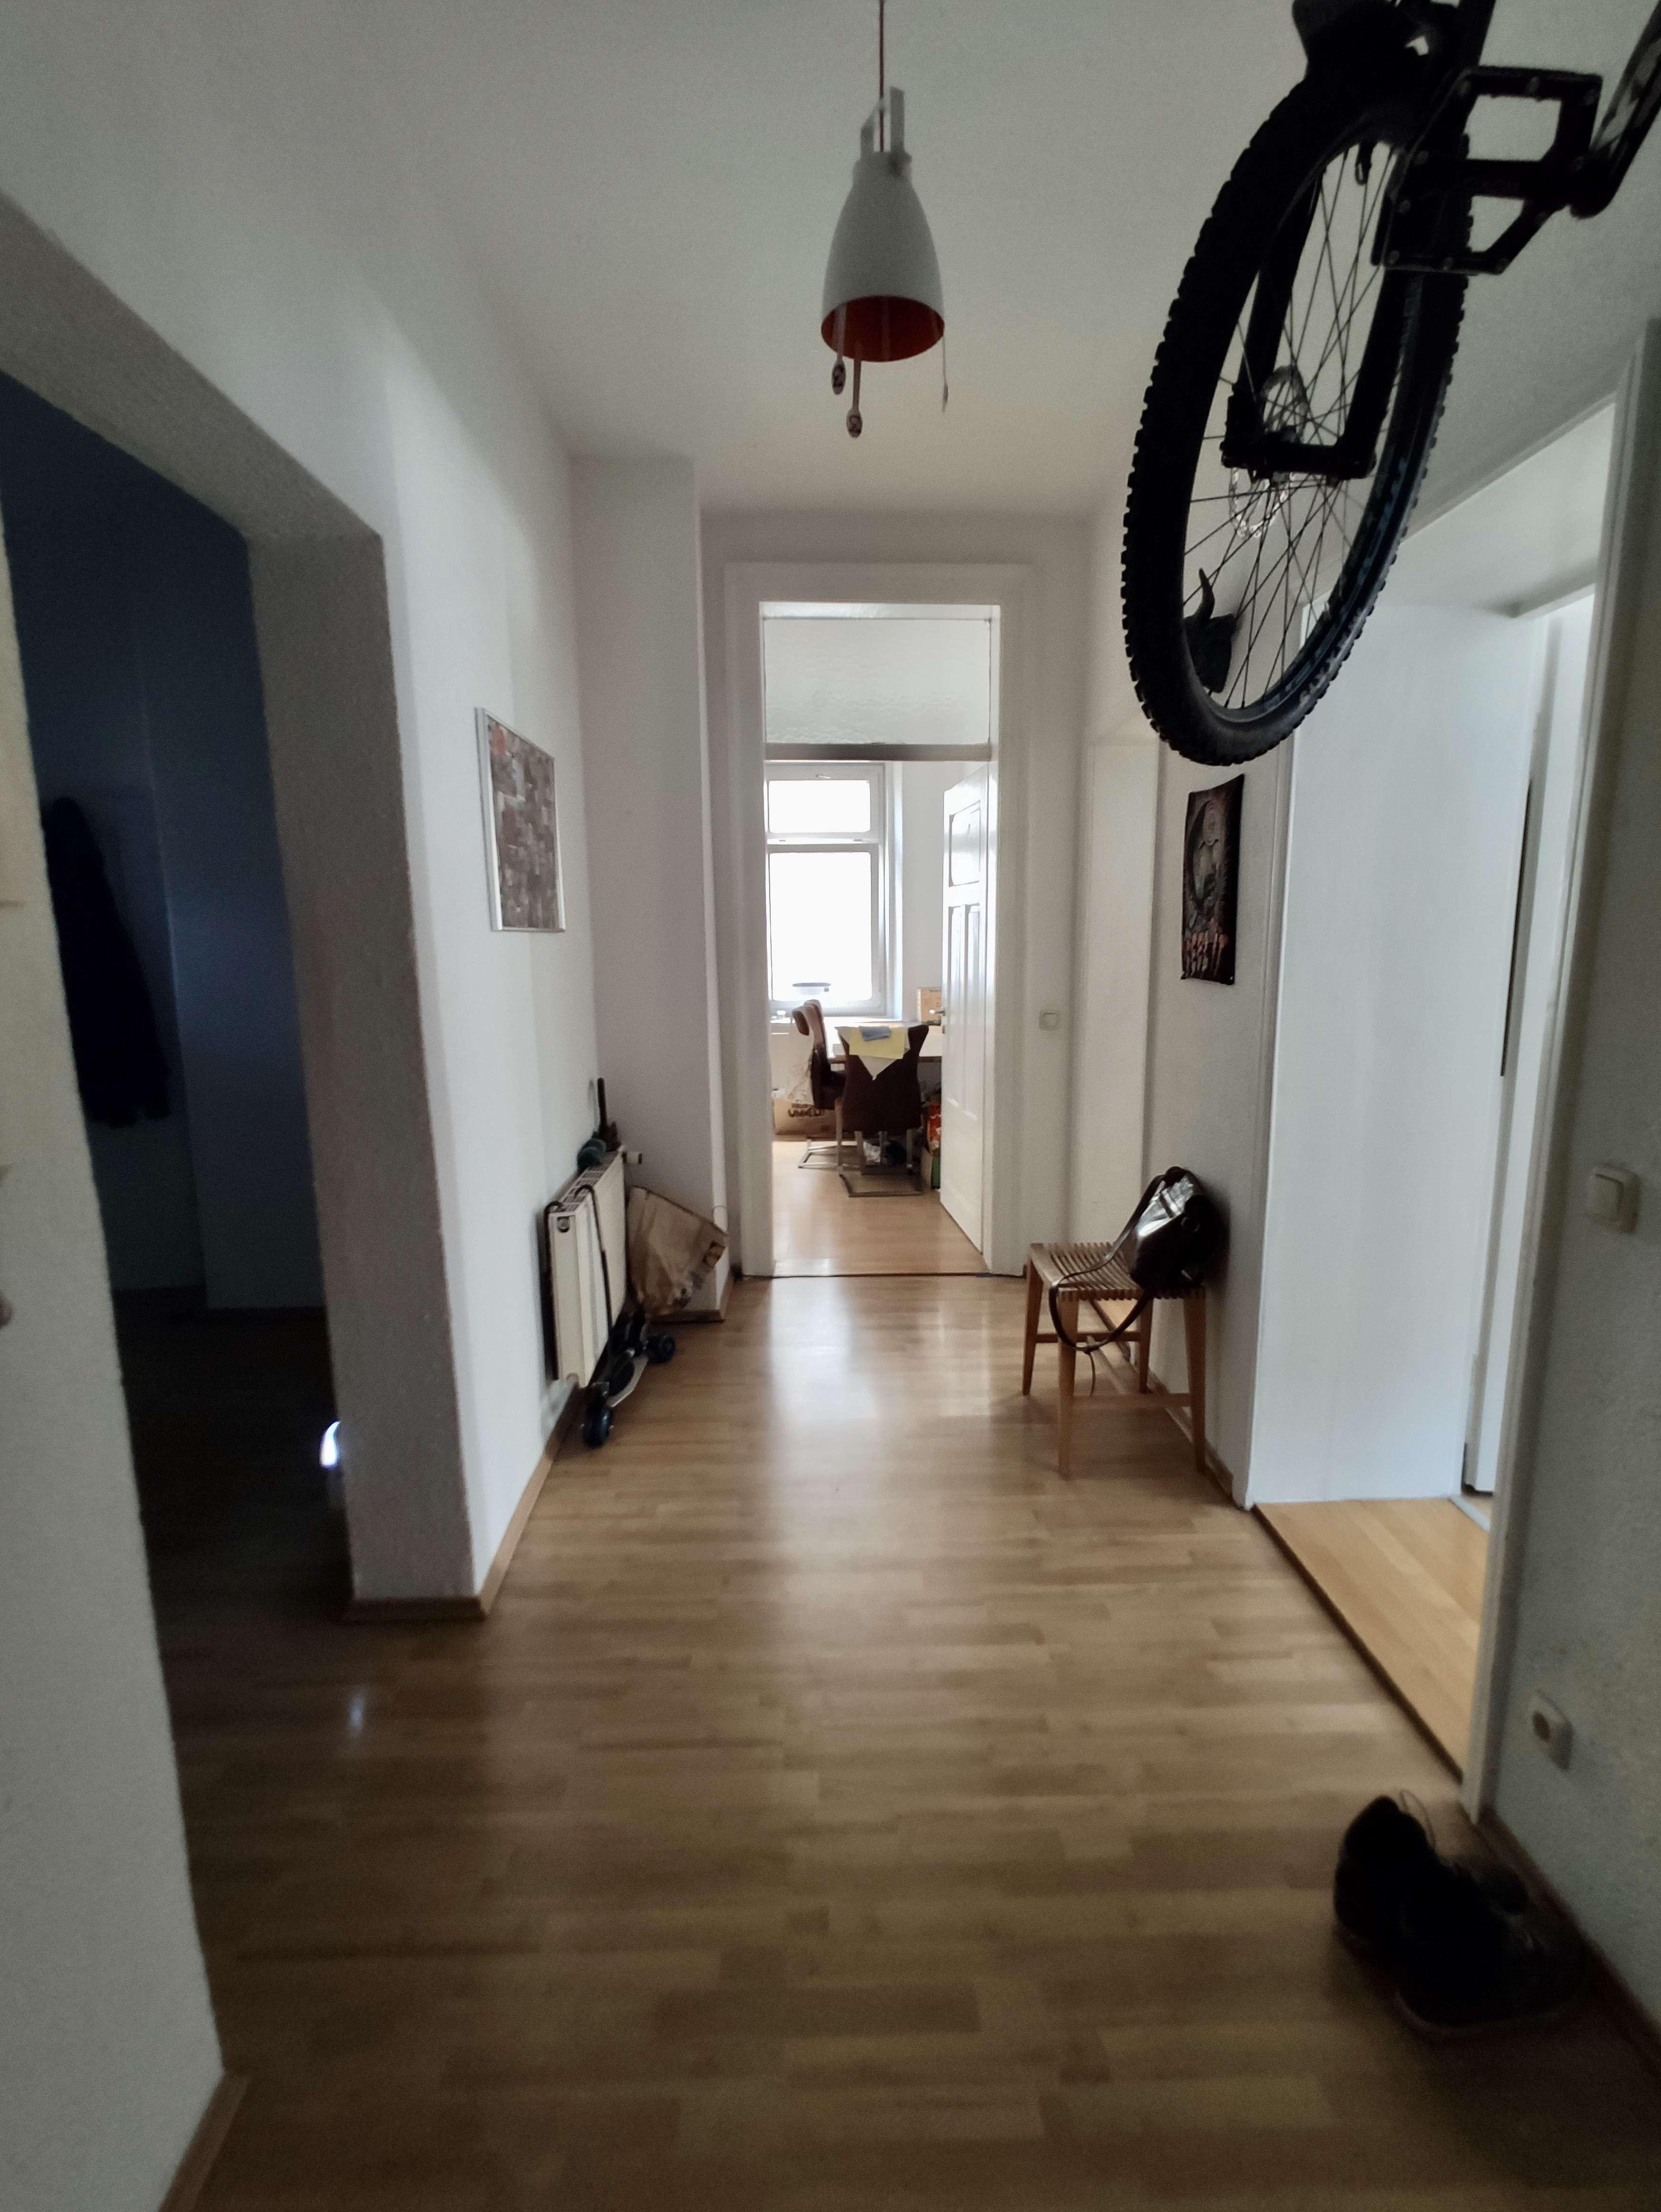 Helle 3-Zimmer-Altbauwohnung mit hohen Decken und moderner Einbauküche in